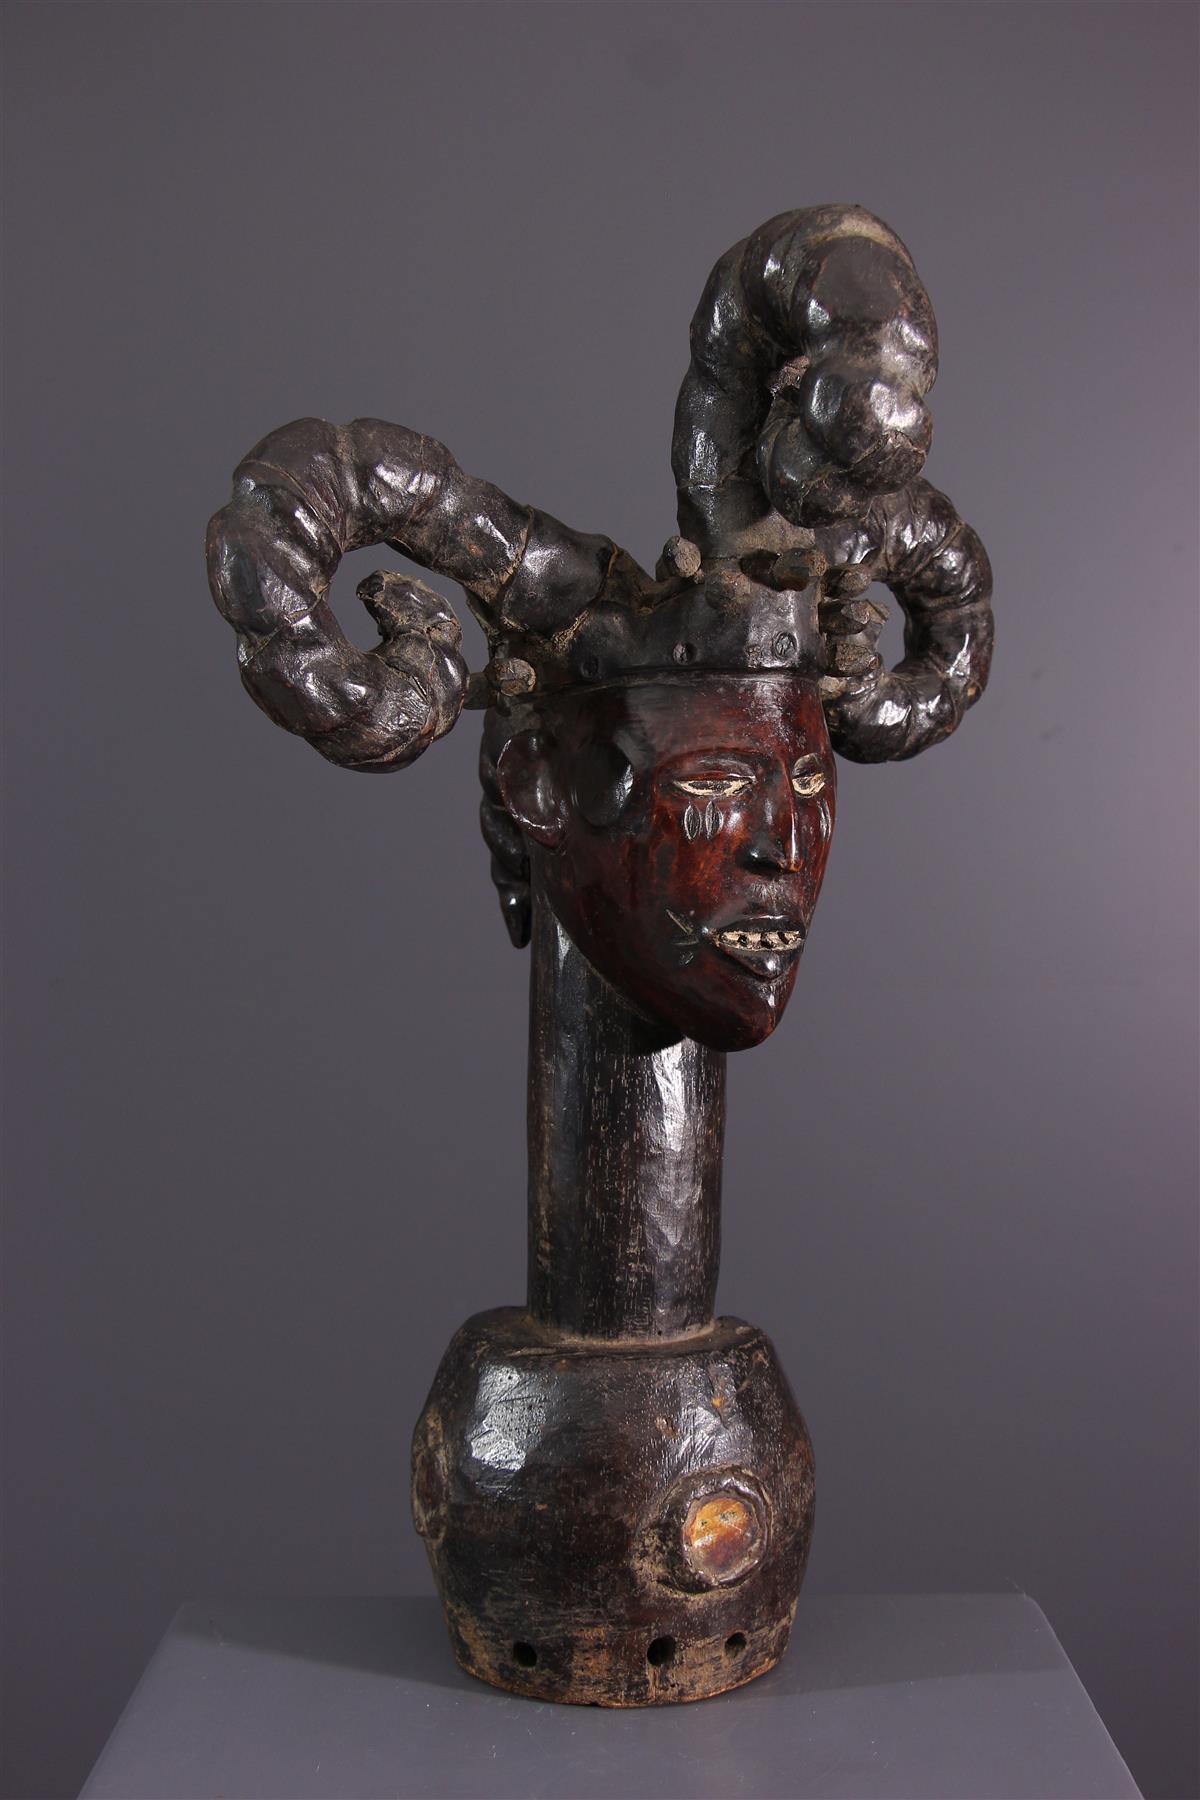 Crest Ekoi - Tribal art